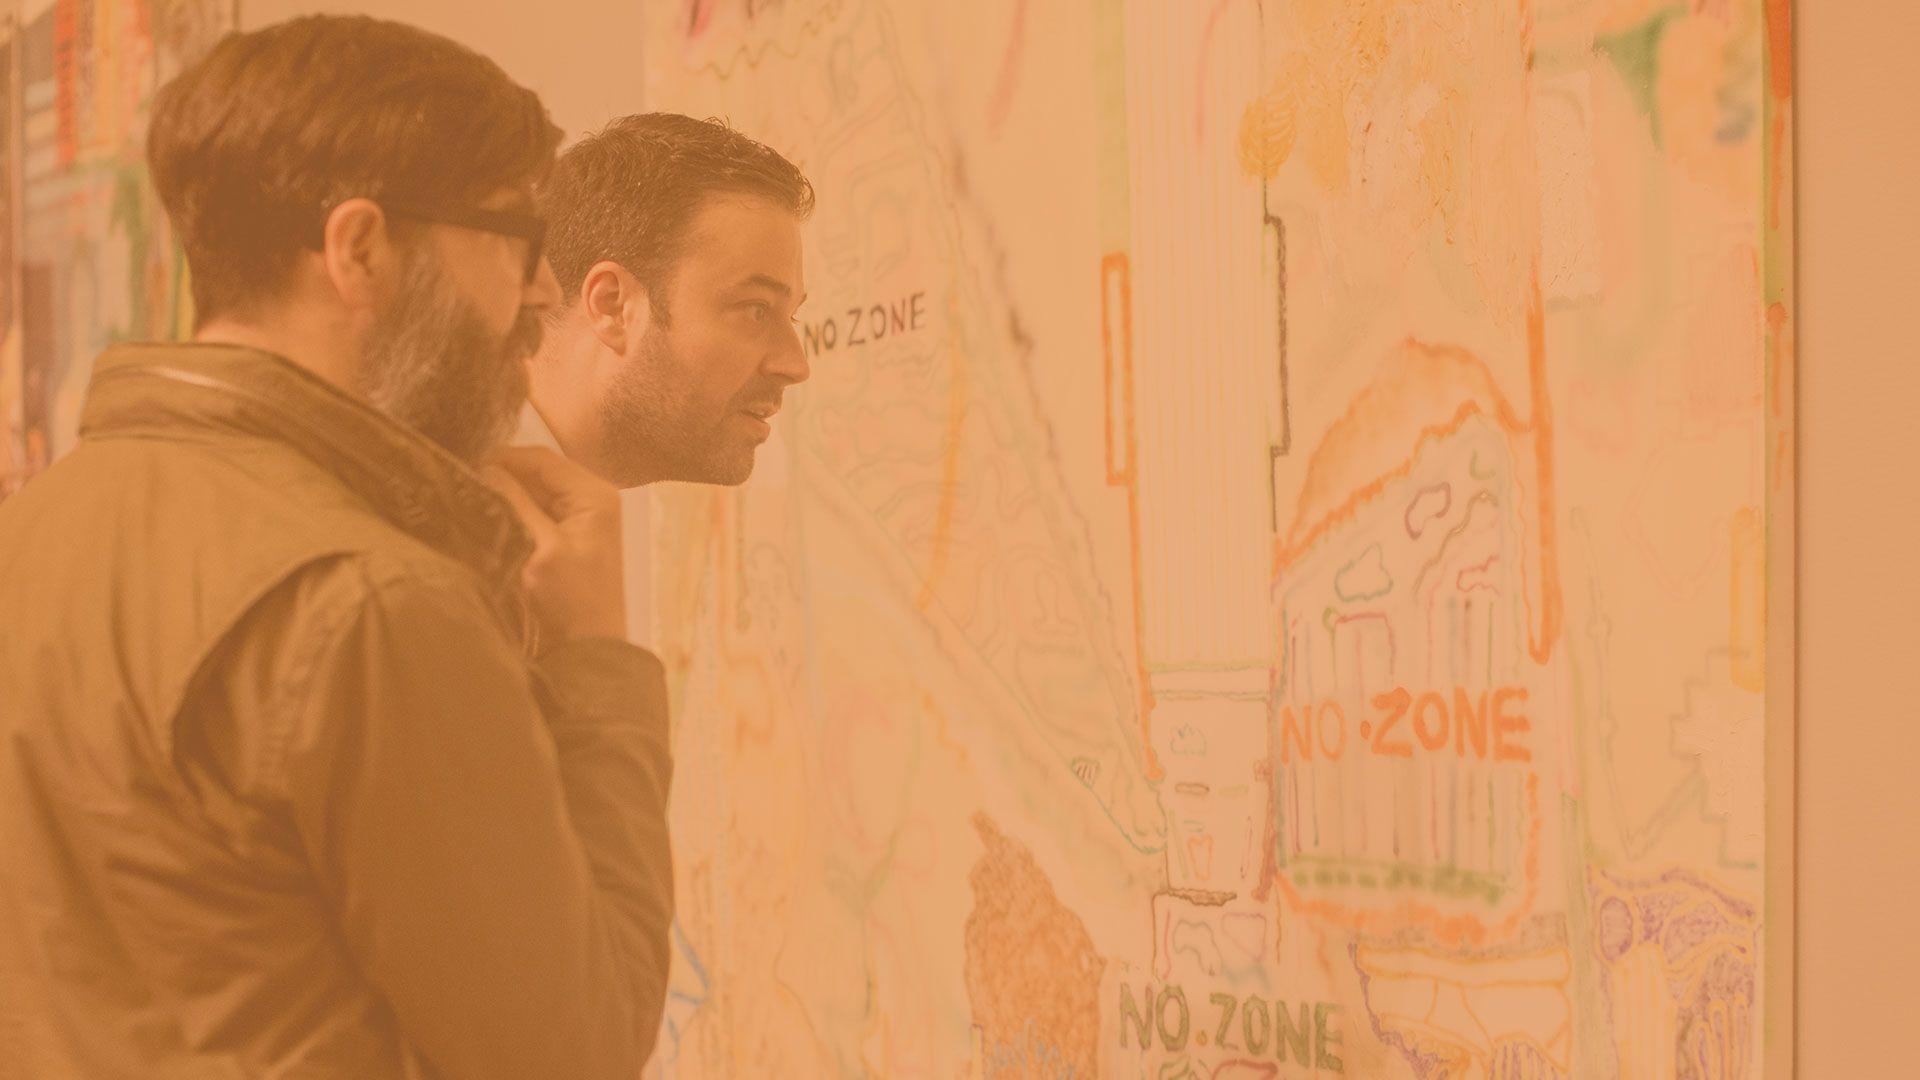 Deux hommes regardent un tableau lors d'une exposition.